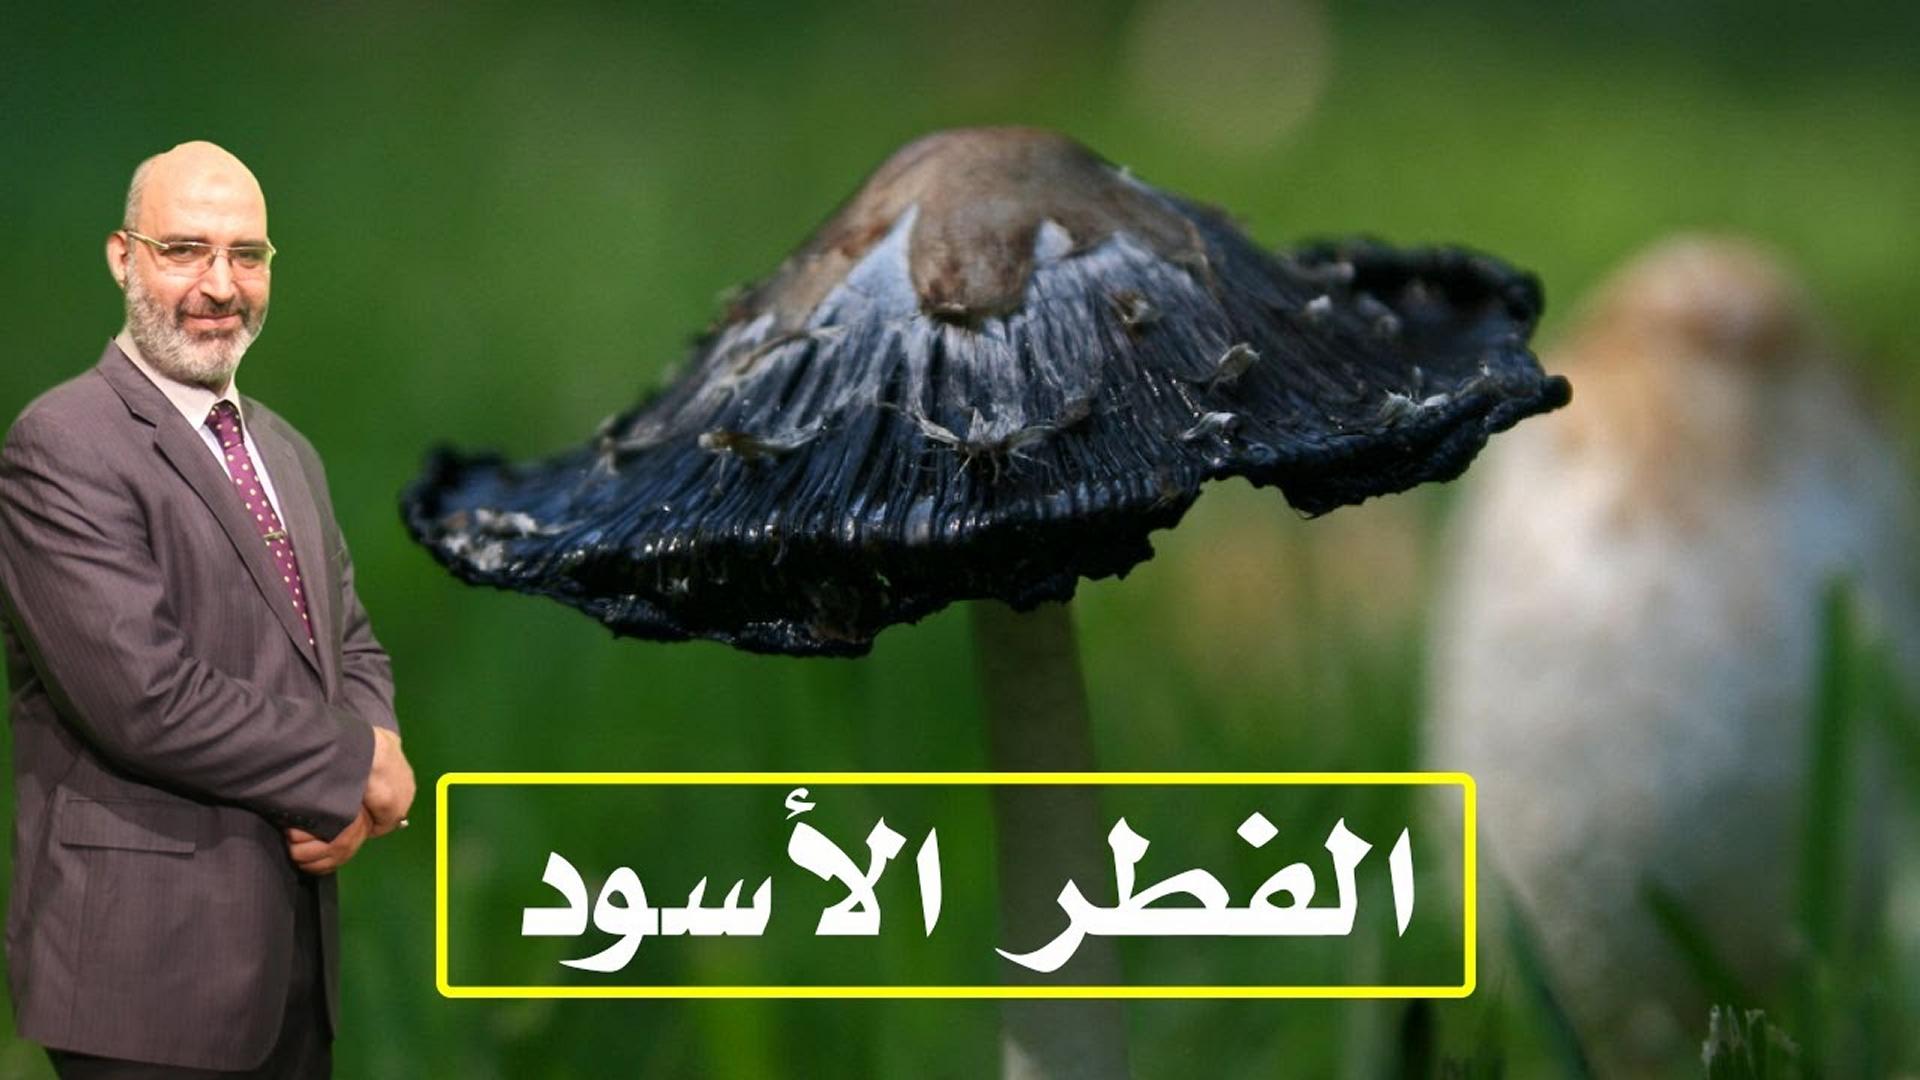 الفطر الأسود .. الدكتور أمير صالح